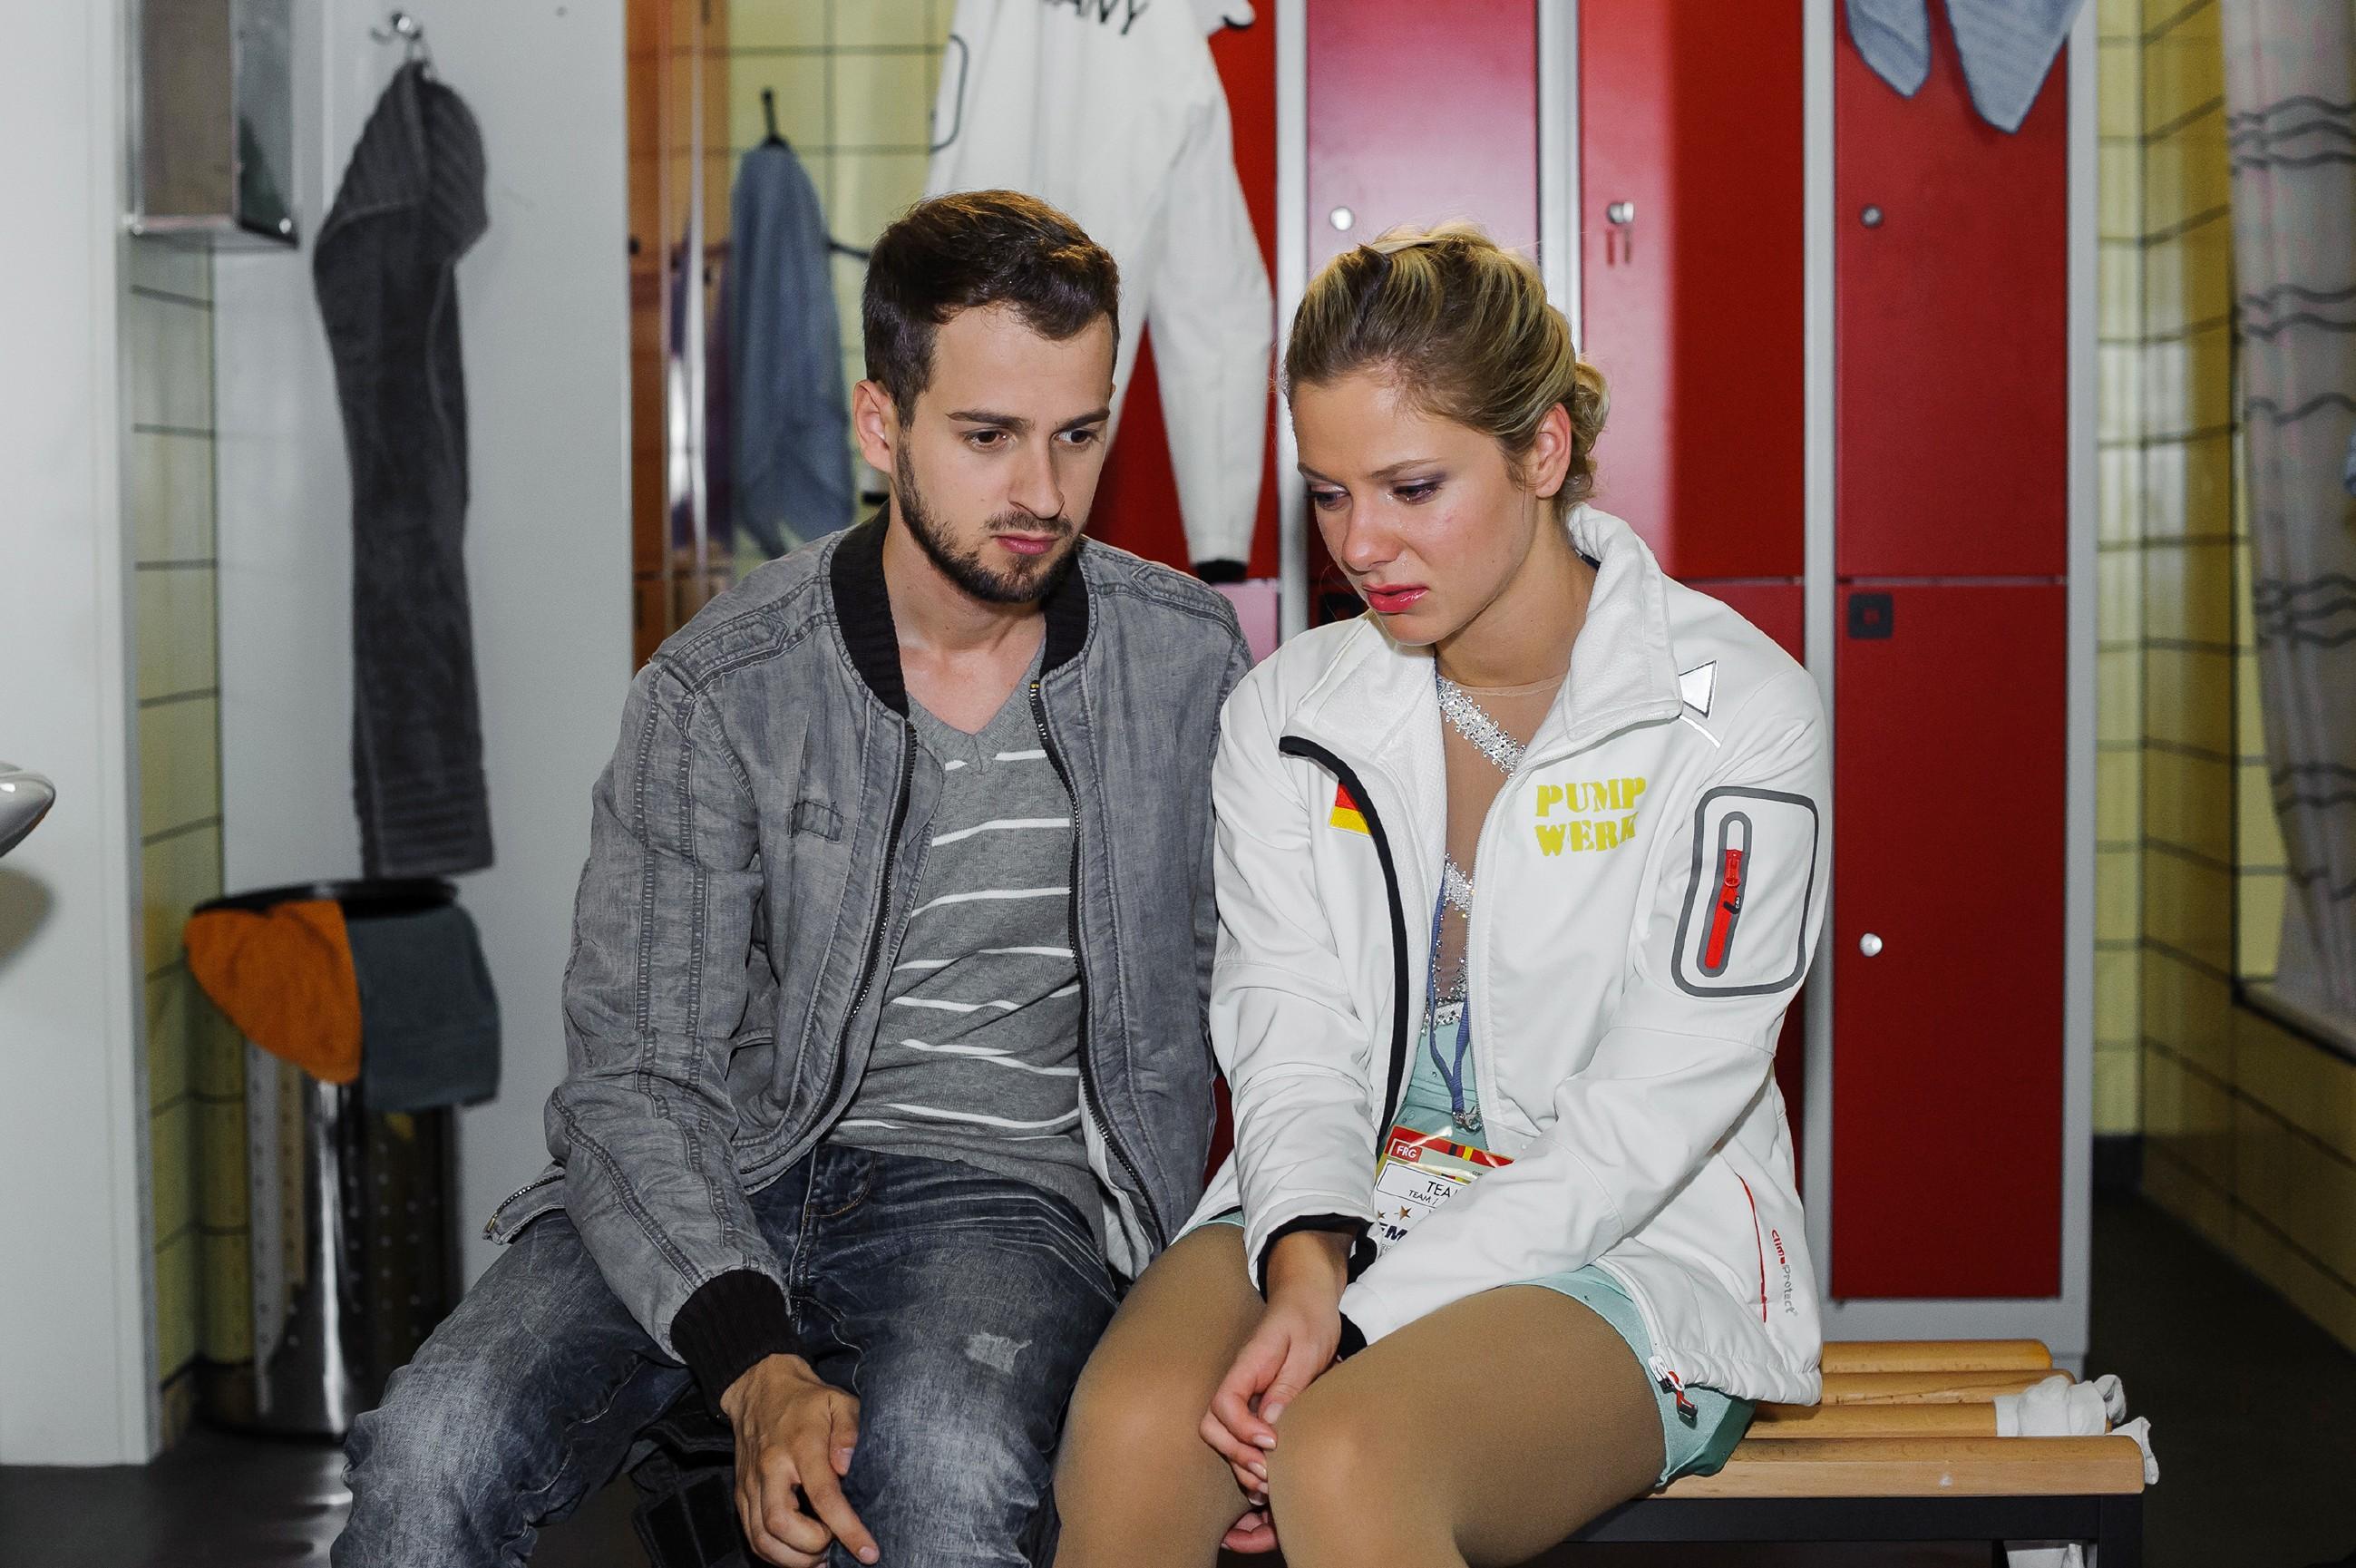 Die Nachricht, dass Tobis (Michael Jassin) Ex von ihm schwanger ist, wirft Marie (Cheyenne Pahde) kurz vor ihrem Kurzprogramm mächtig aus der Bahn. (Quelle: RTL / Julia Feldhagen)